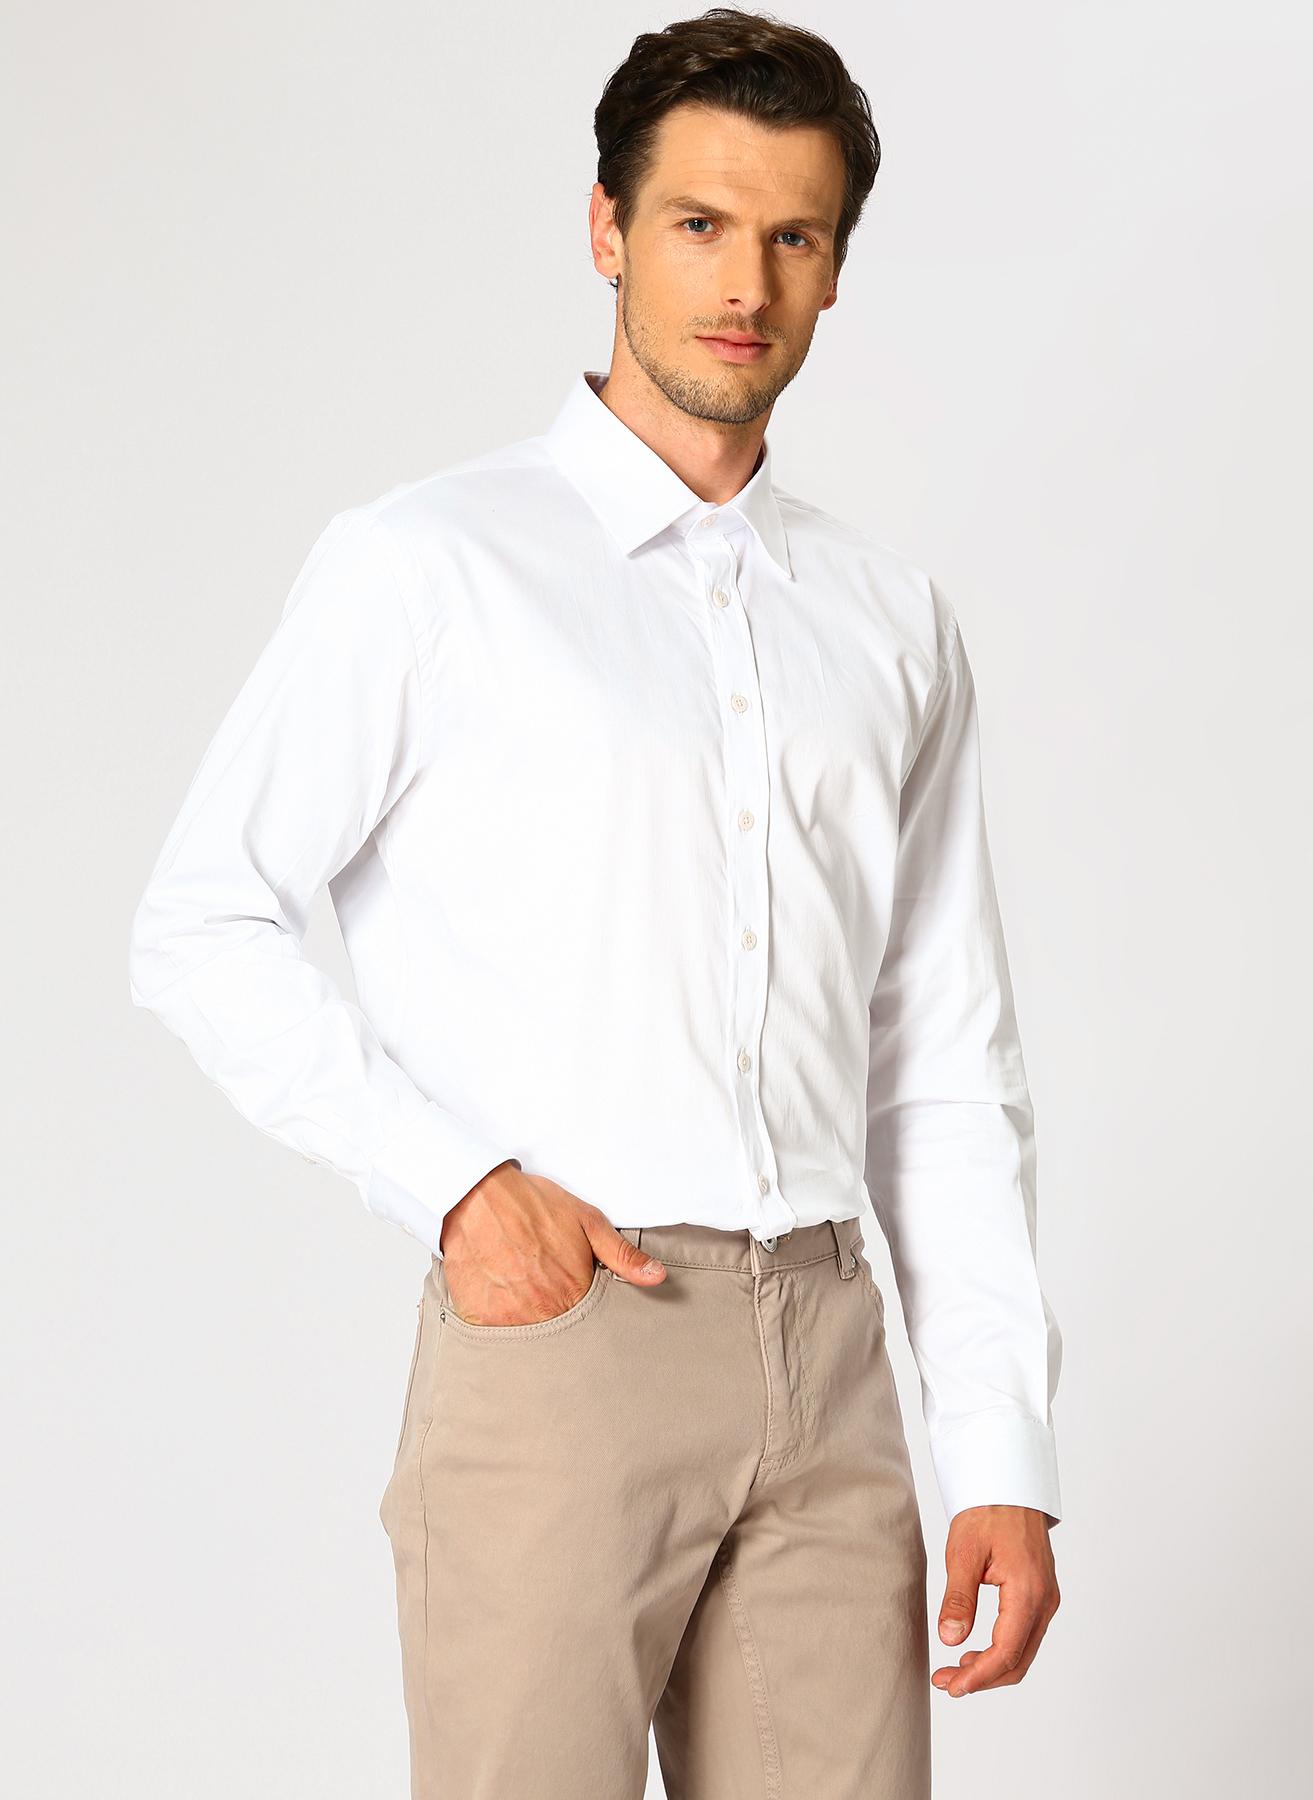 George Hogg Beyaz Gömlek 40 5001699349002 Ürün Resmi